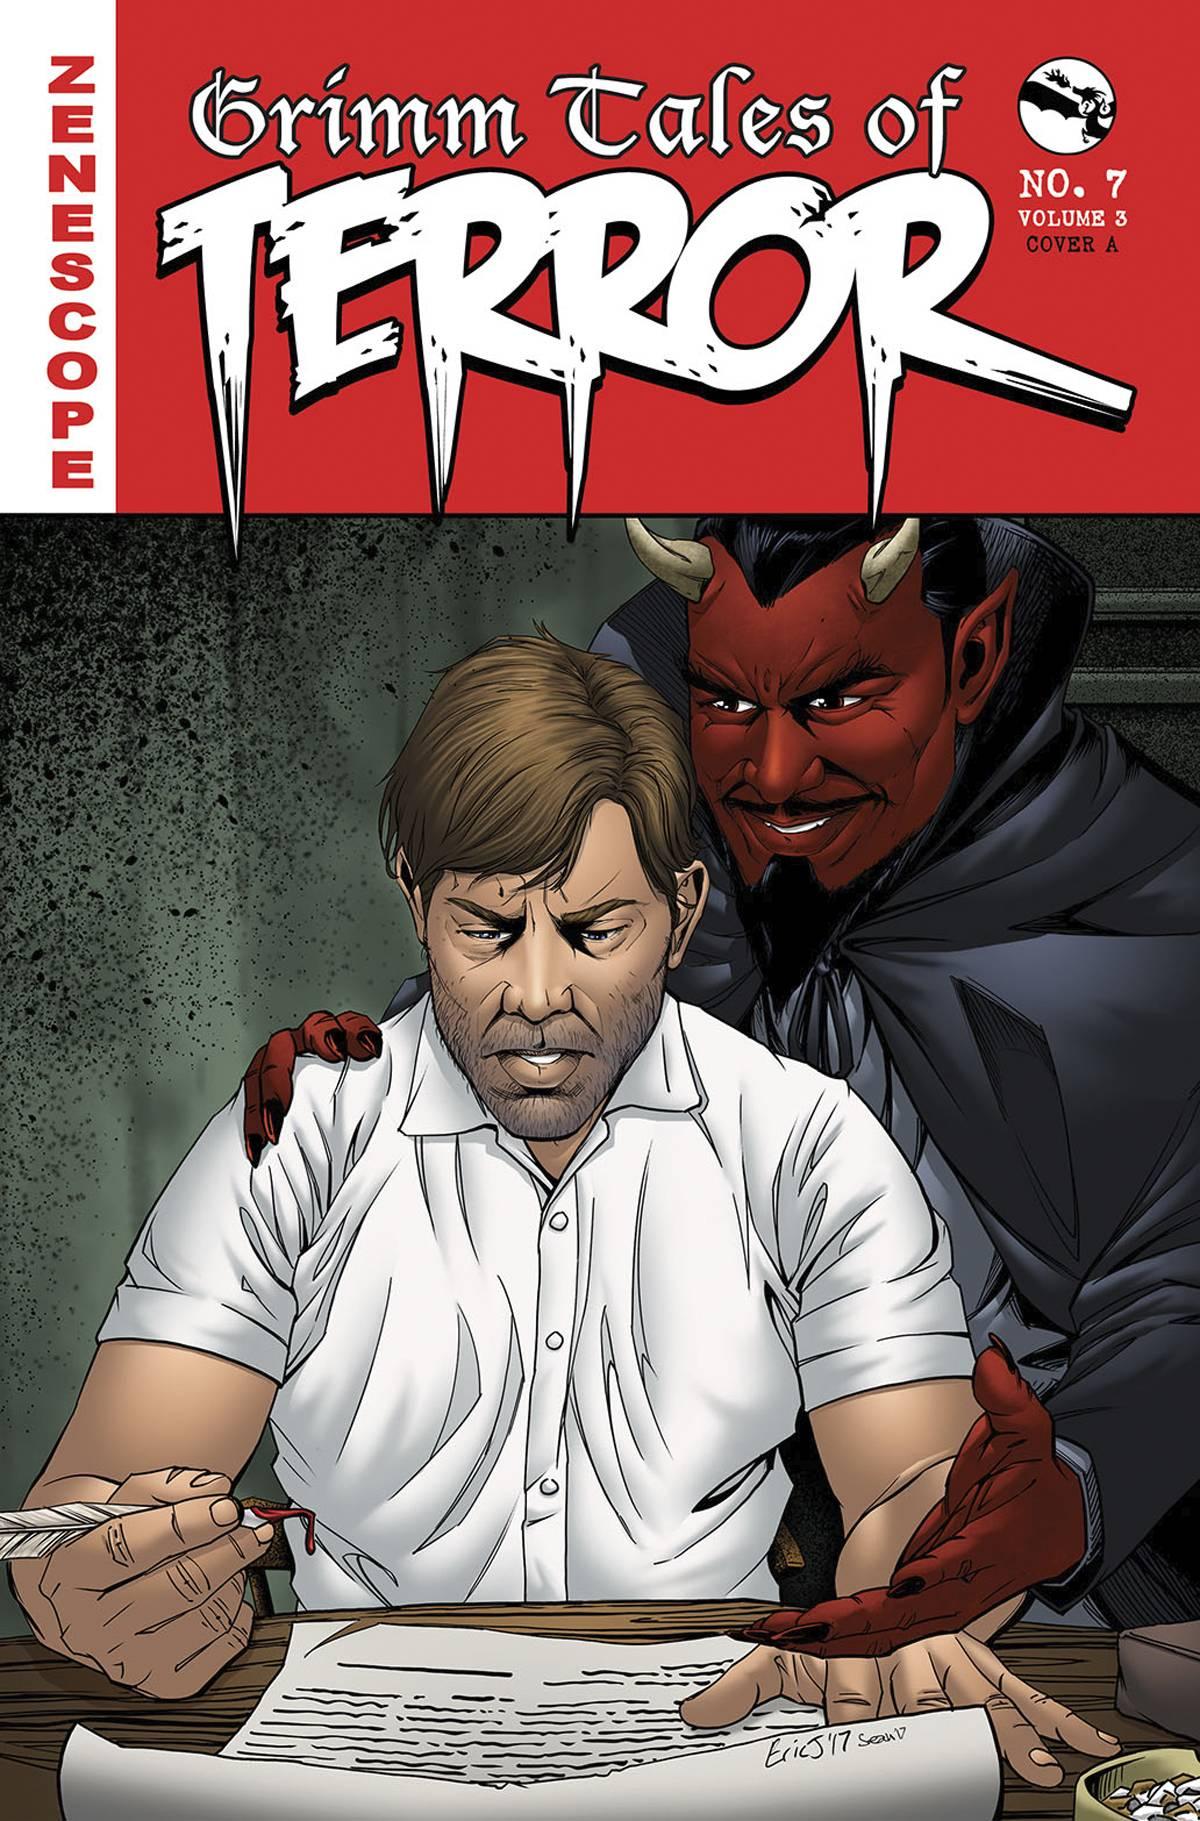 GFT Grimm Tales Of Terror Vol 3 #7 A Cover Eric J